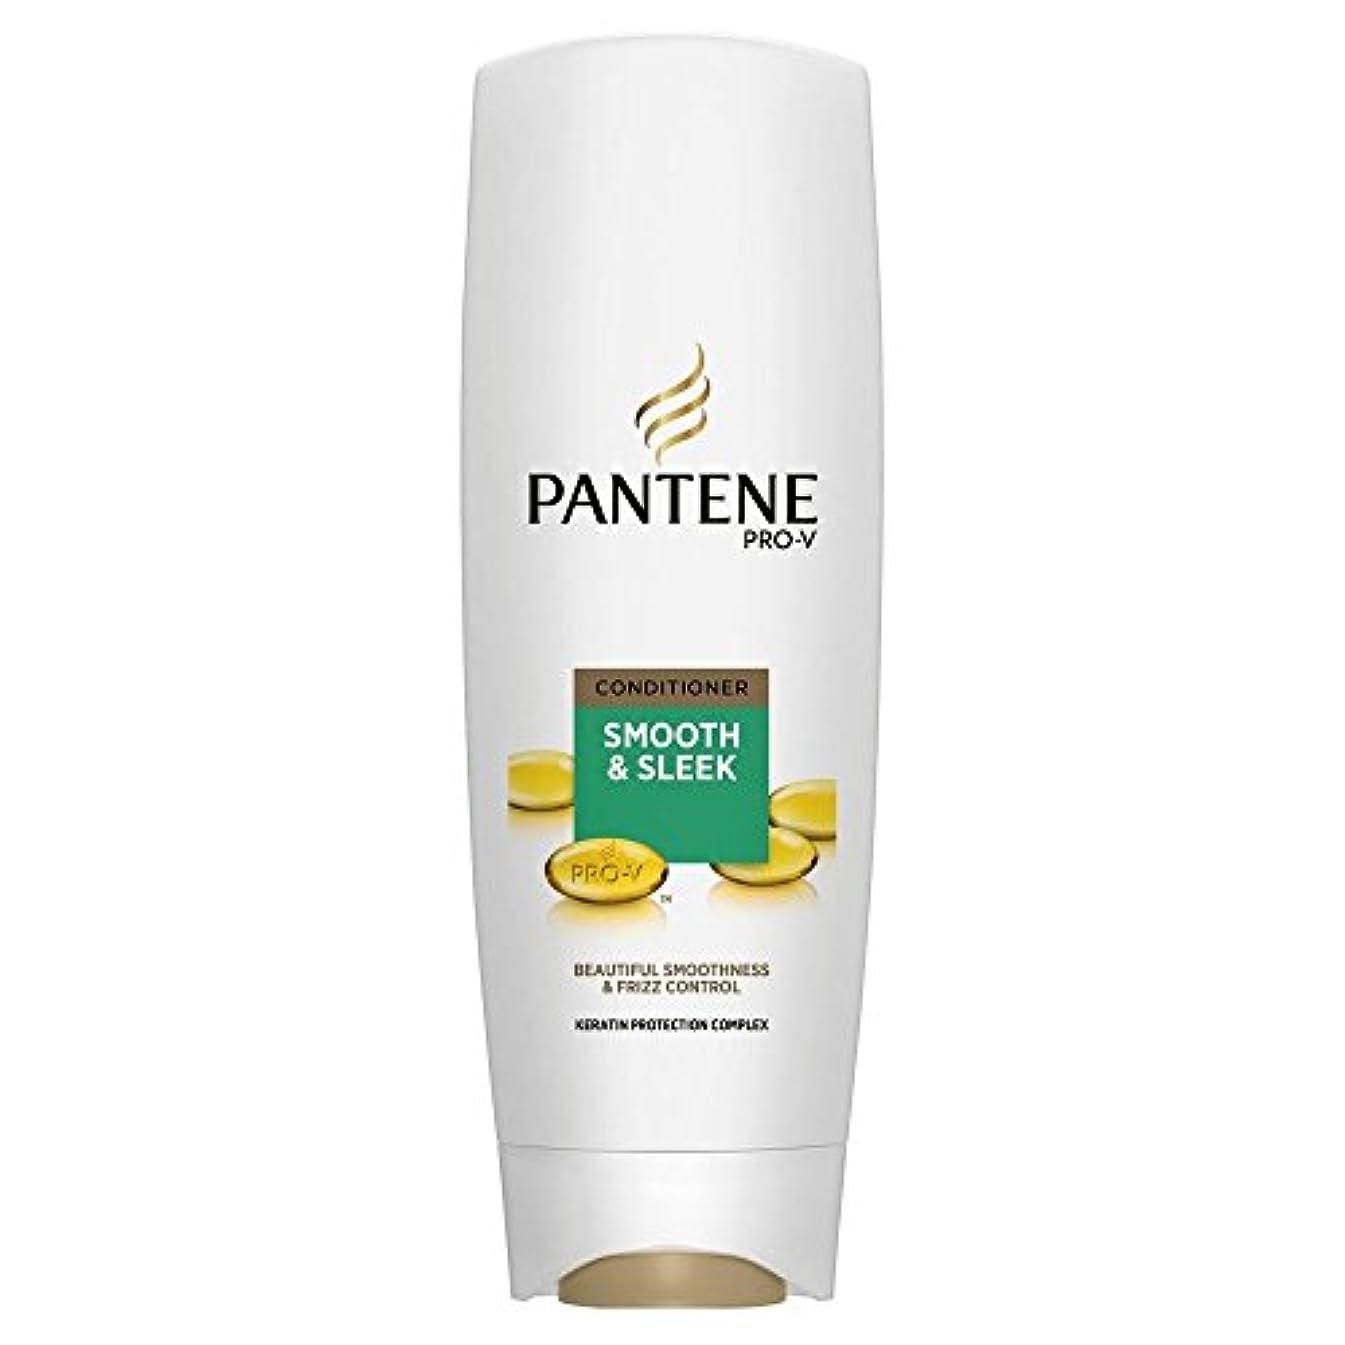 ギャップ部屋を掃除する味わうPantene Pro-V Smooth & Sleek Conditioner (360ml) パンテーンプロv滑らかで洗練されたコンディショナー( 360ミリリットル) [並行輸入品]